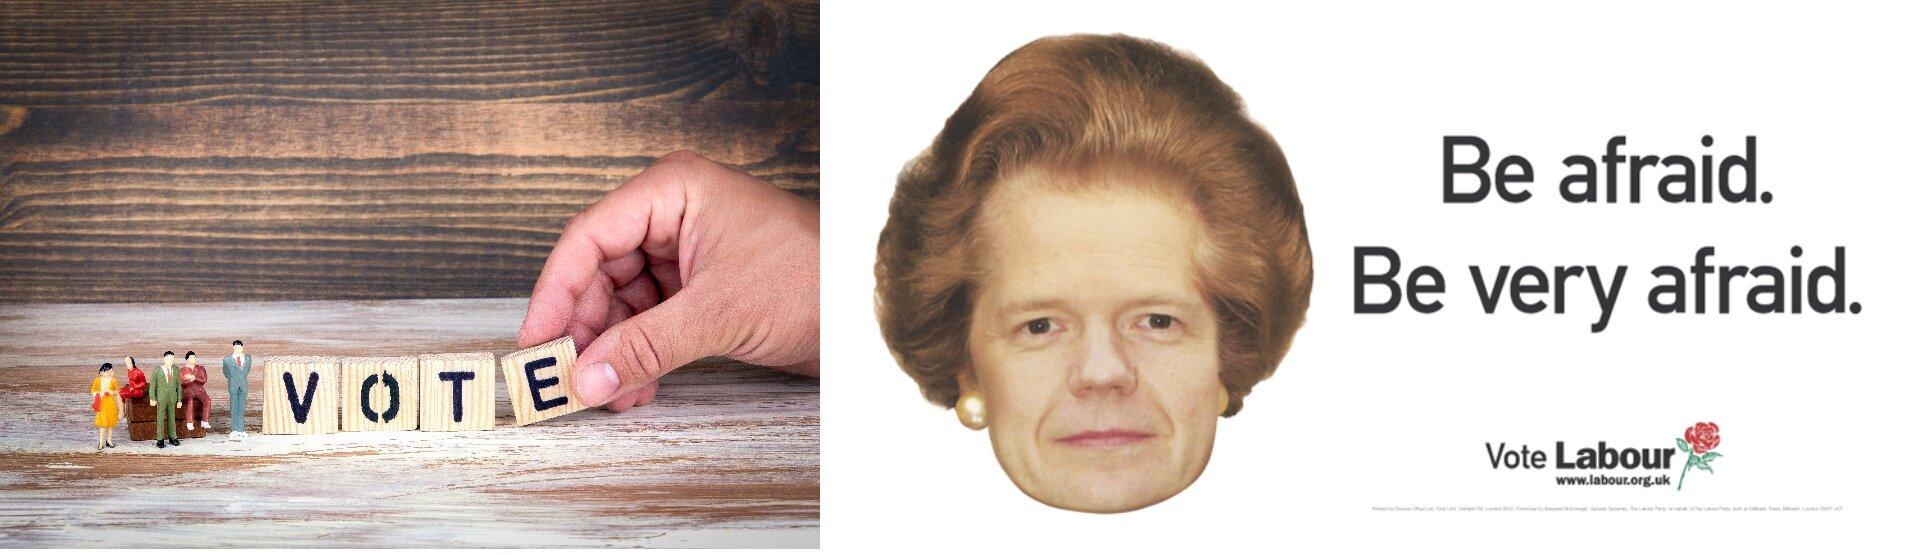 """Ilustracja przedstawia przykład reklamy wyborczej zWielkiej Brytanii. Po lewej stronie znajduje się obrazek przedstawiajacy małych ludzi. Duża ręka ustawia zklocków, wielkości ludzików, napis: """"VOTE"""". Po prawej stronie przedstawiona jest głowa kobiety inapis: """"Be afraid. Be very afraid""""."""